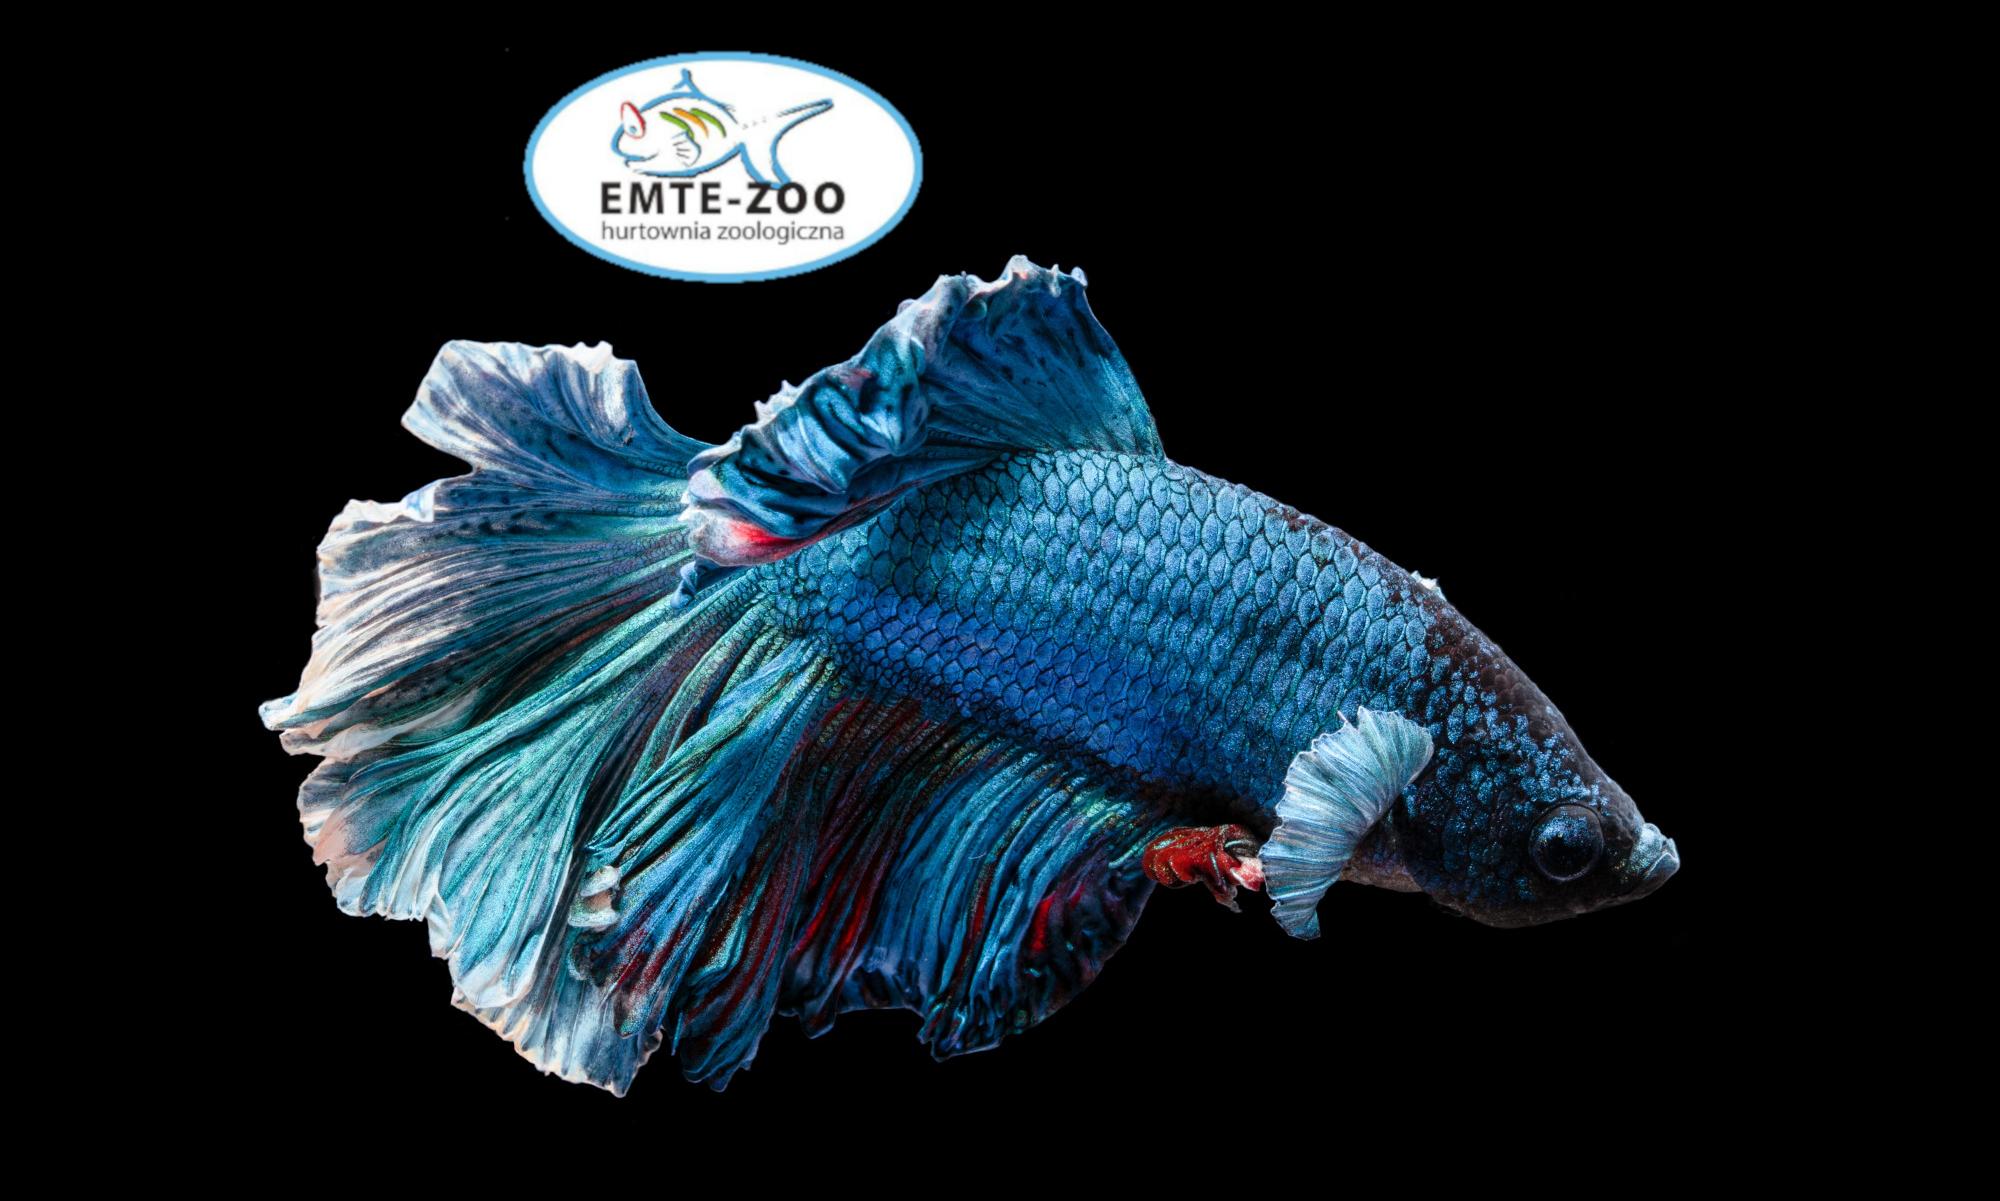 EMTE - Zoo